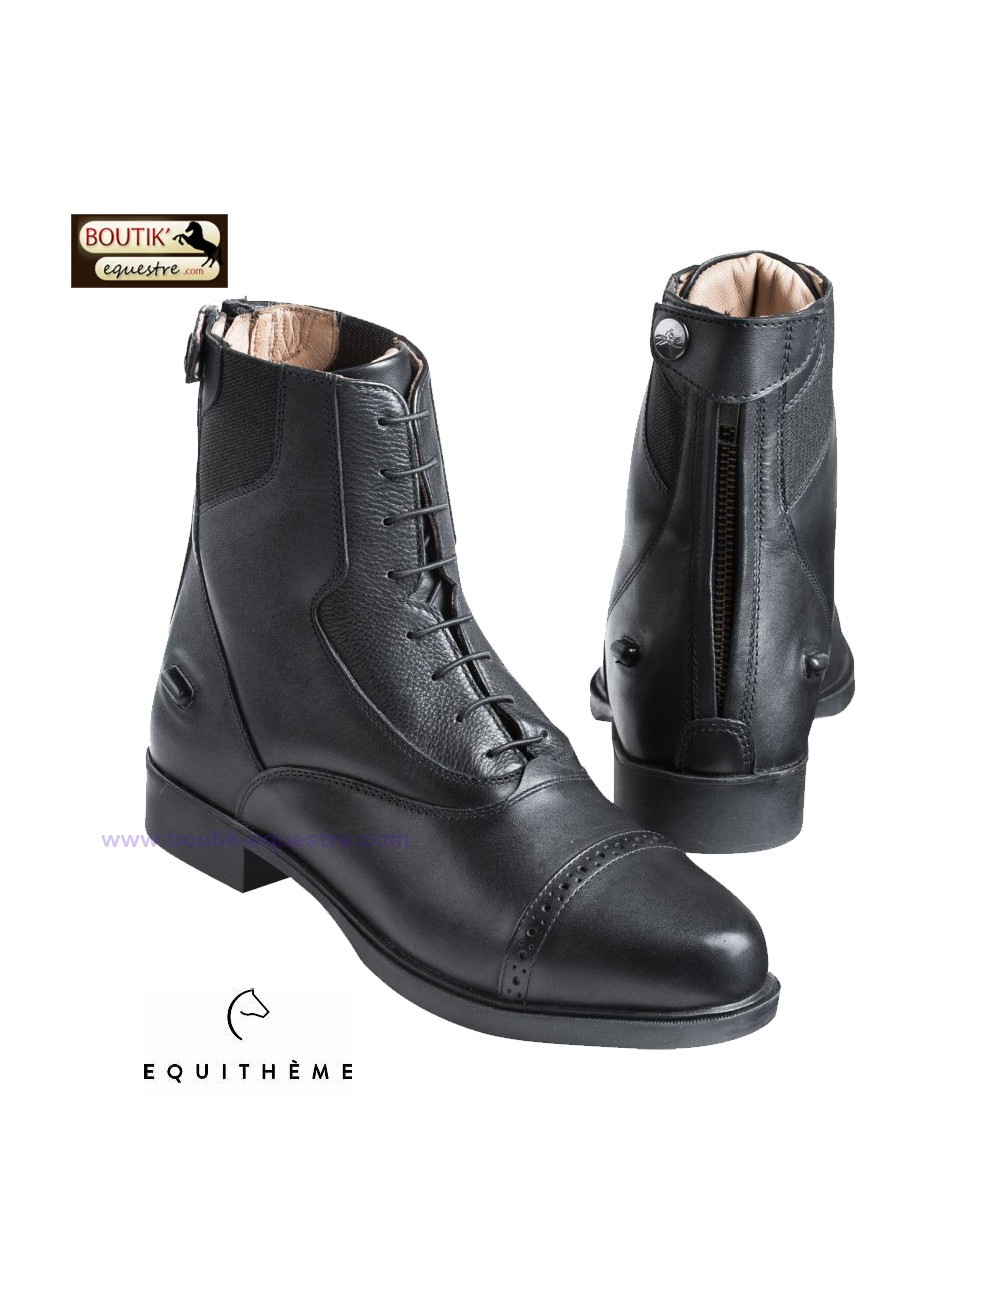 Boots EQUITHEME Confort Extrême